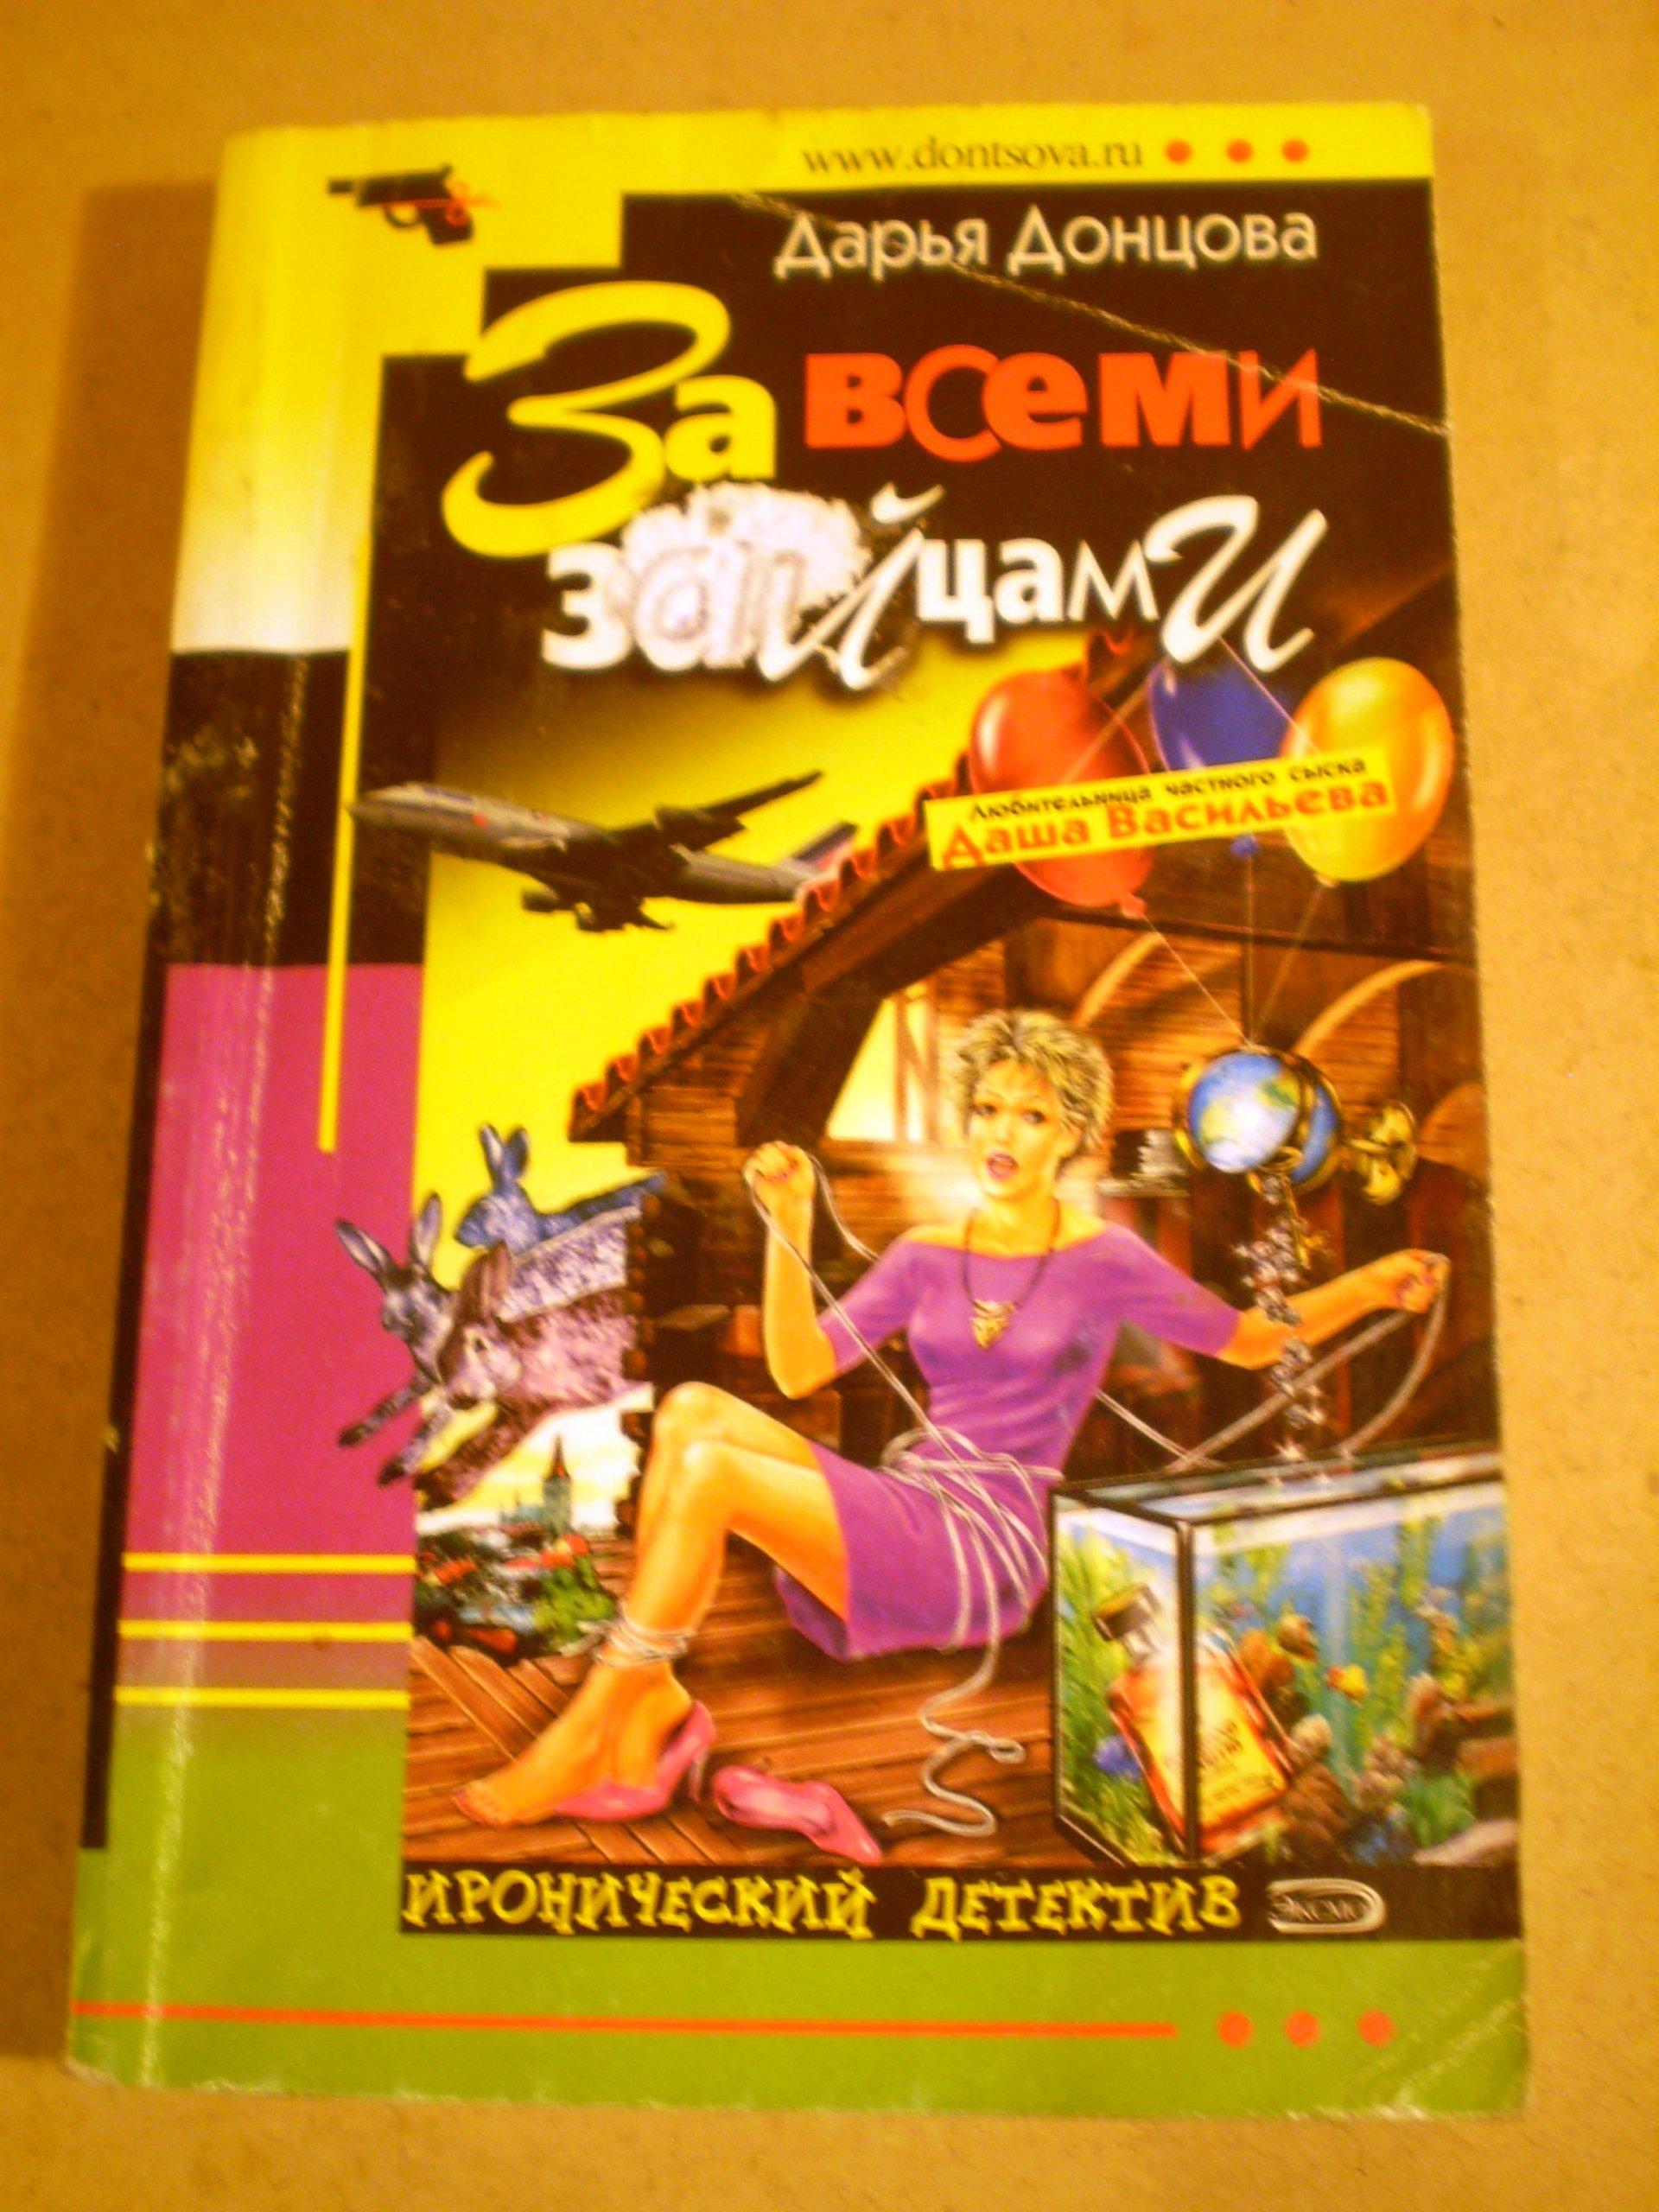 Читать онлайн - Донцова Дарья. Подарок небес Электронная библиотека 10